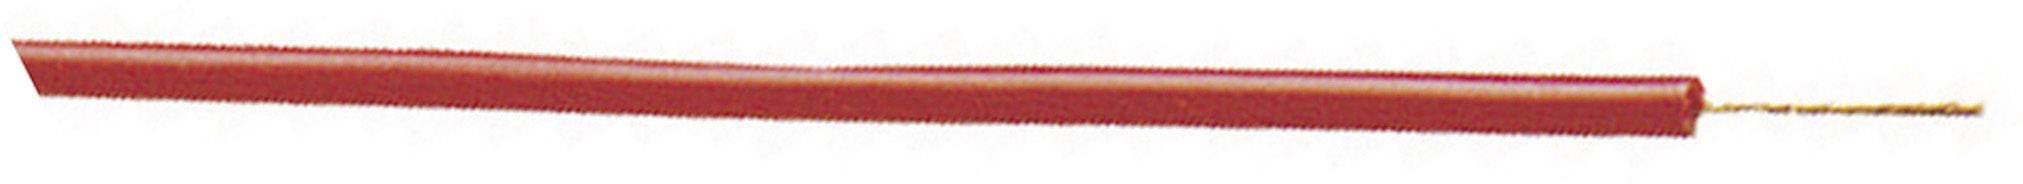 Opletenie / lanko Stäubli 61.7553-10029 SILI-E, 1 x 0.75 mm², vonkajší Ø 2.70 mm, metrový tovar, biela